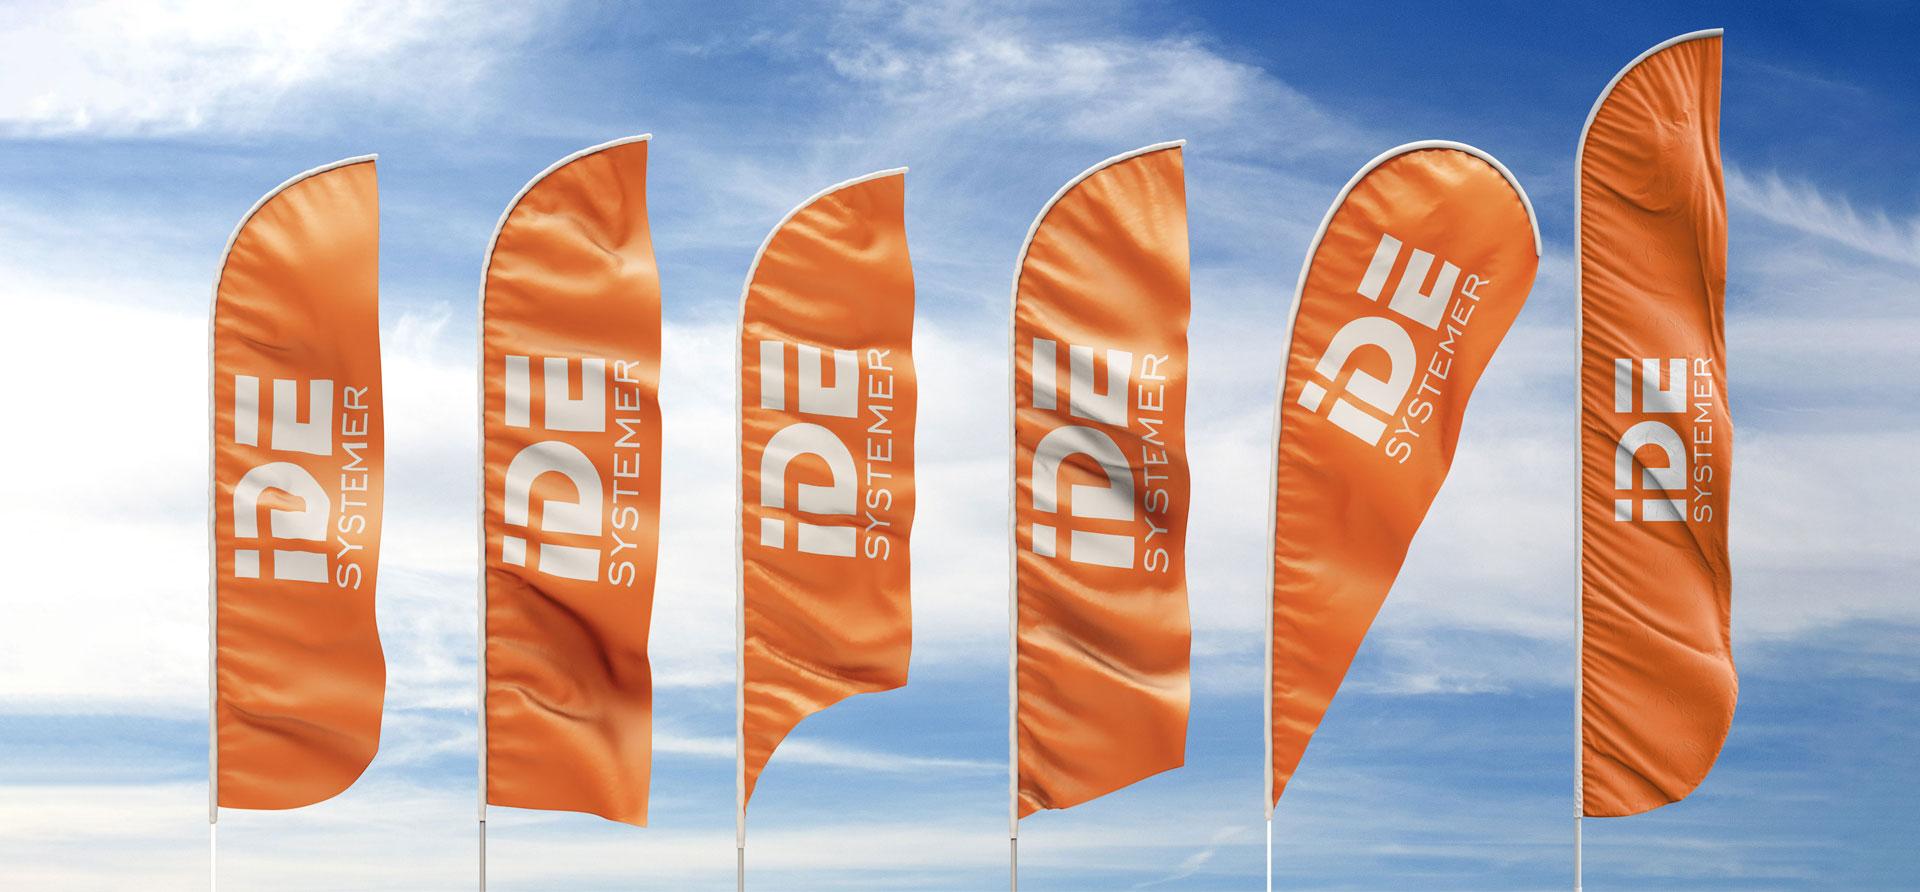 Vi har et stort utvalg av beachflagg